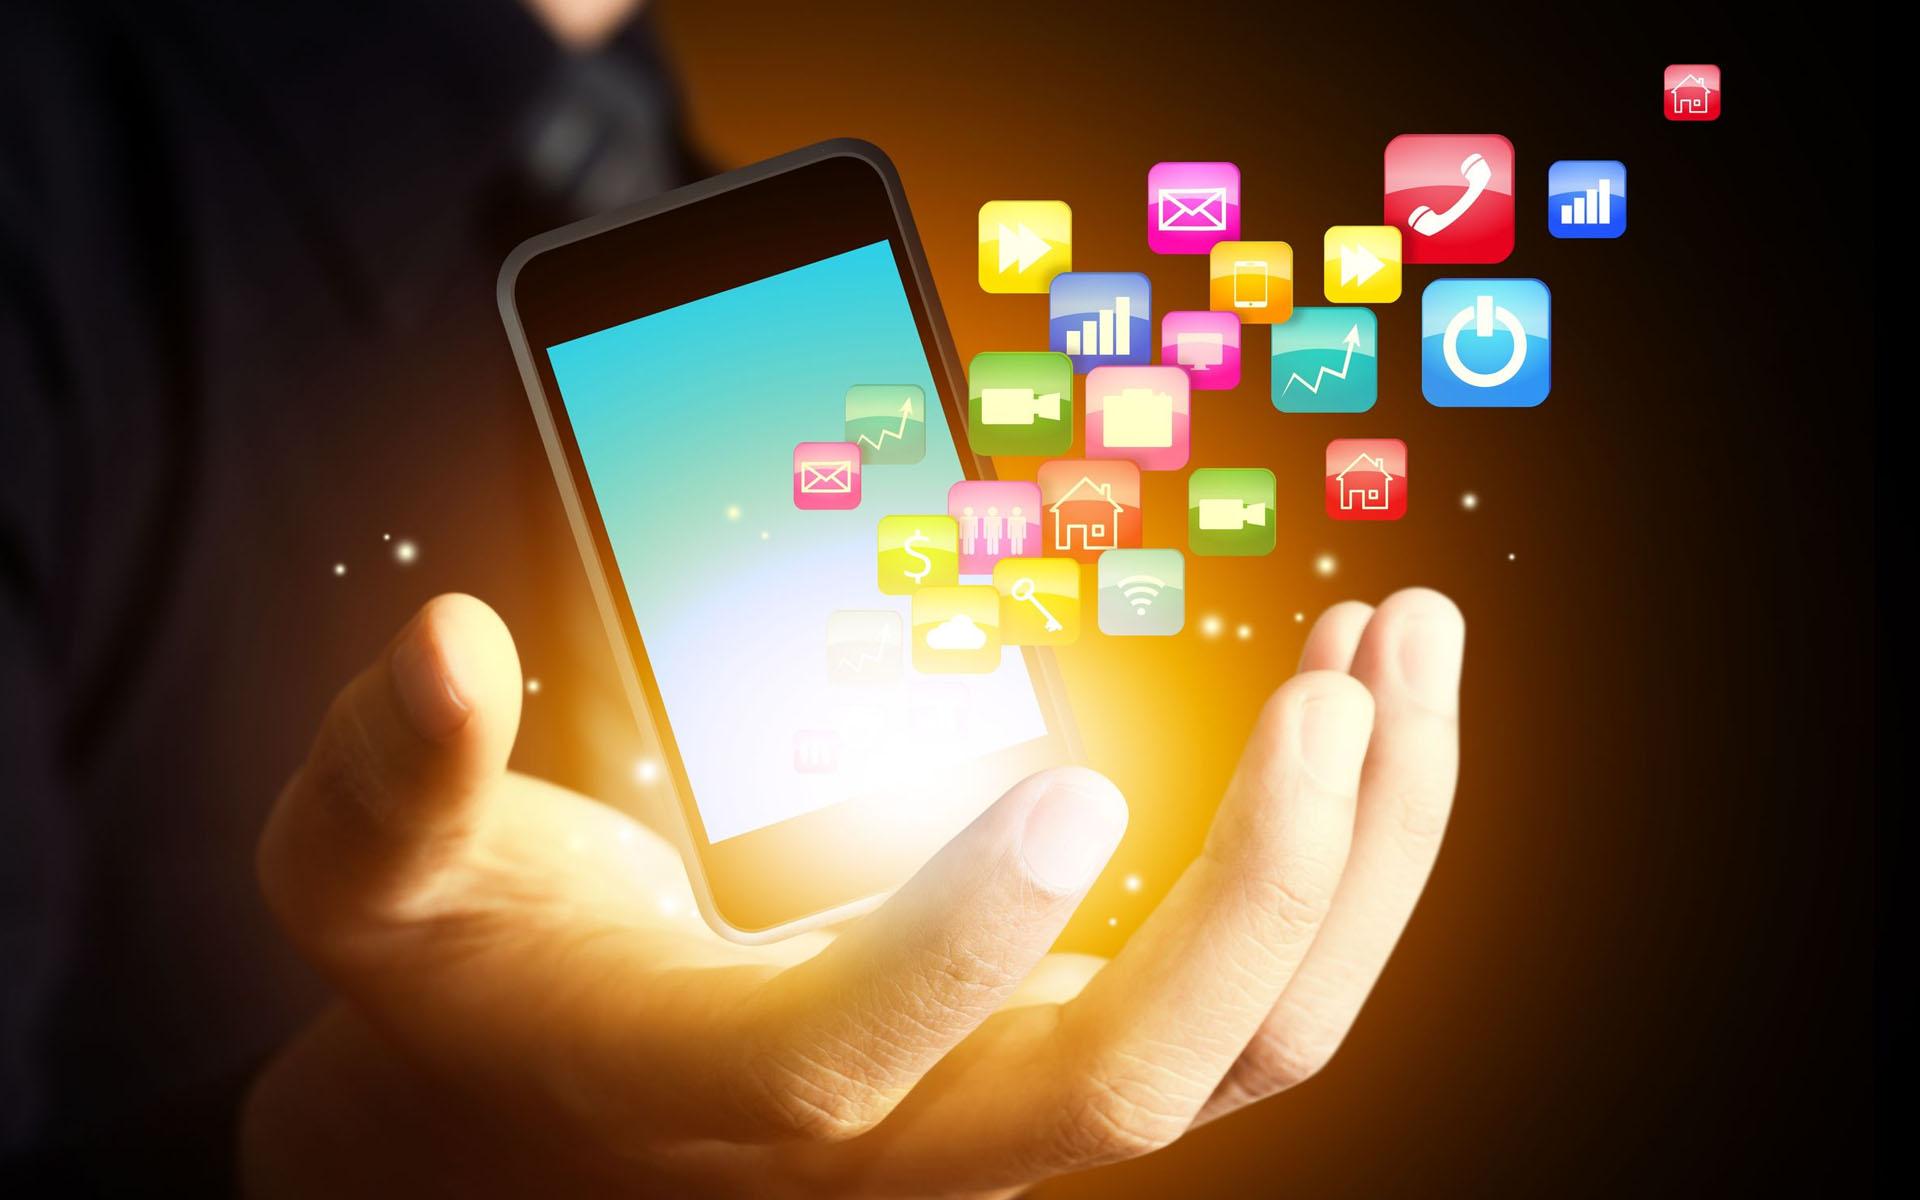 Em 2017, 75% do tráfego de dados na internet será feito por smartphones e tablets